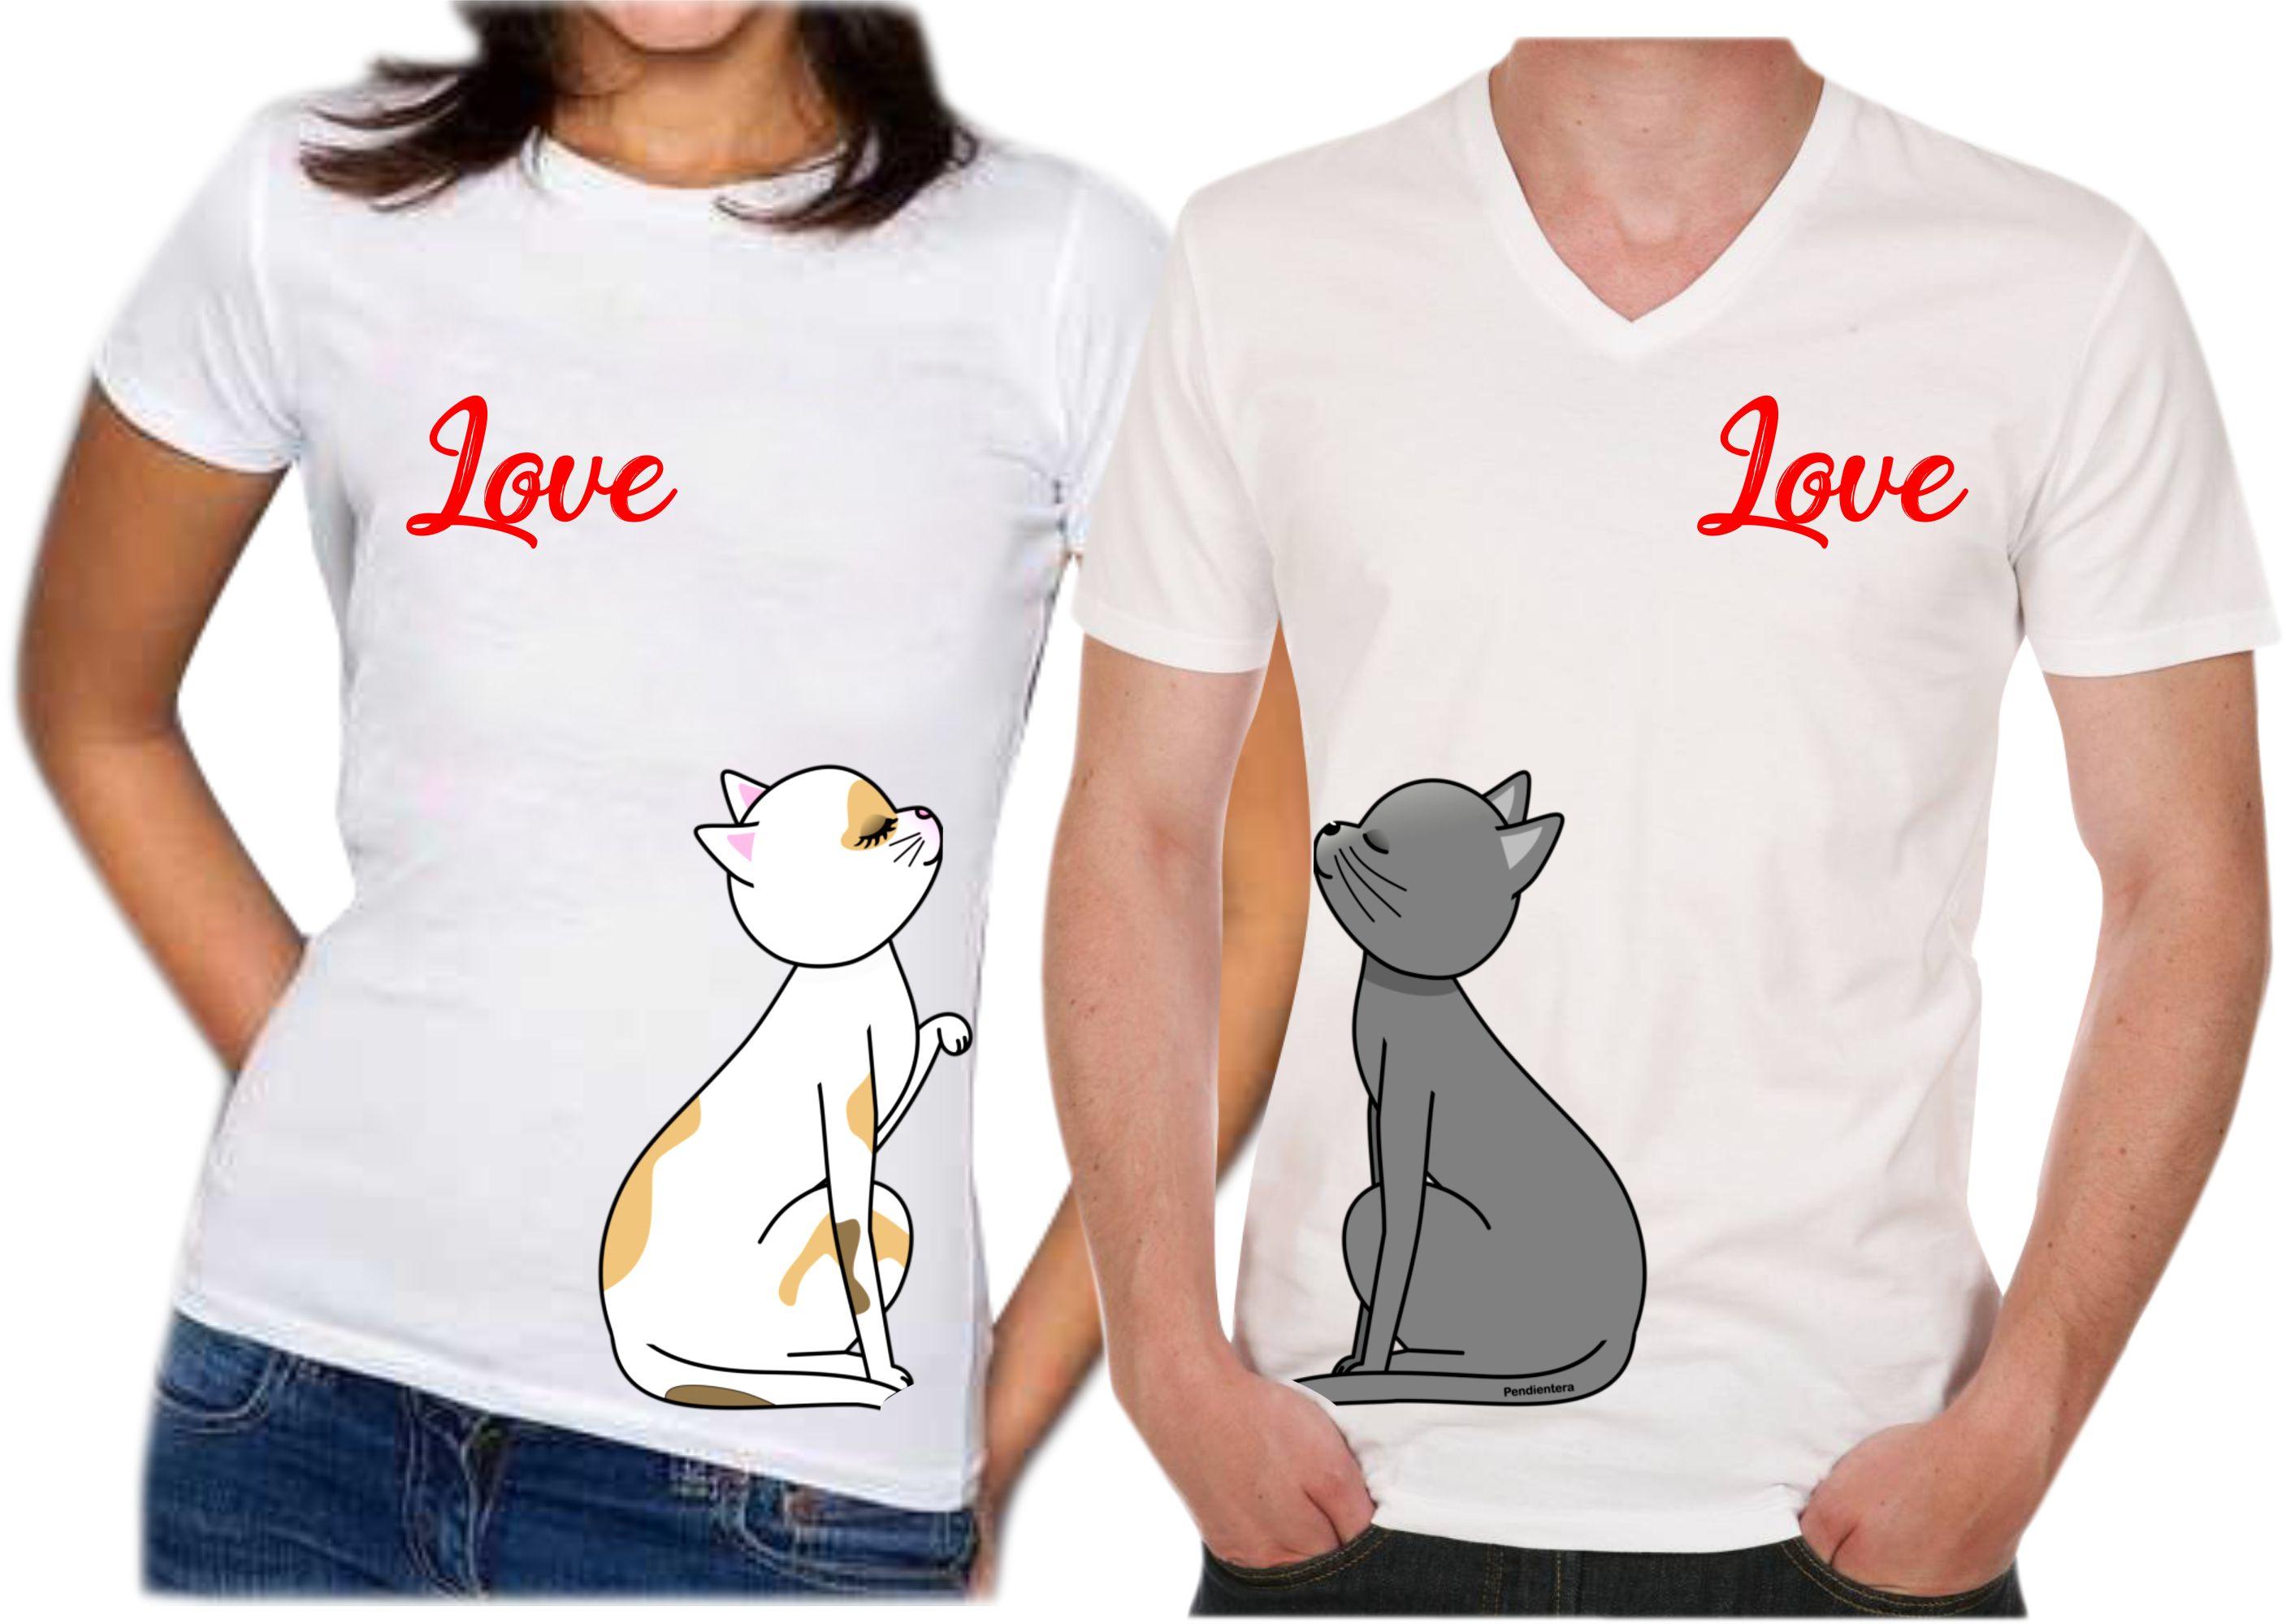 adce96f437e6e Camisetas para parejas love cat estampado publicidad jpg 2814x1999 Estampado  camisas para parejas